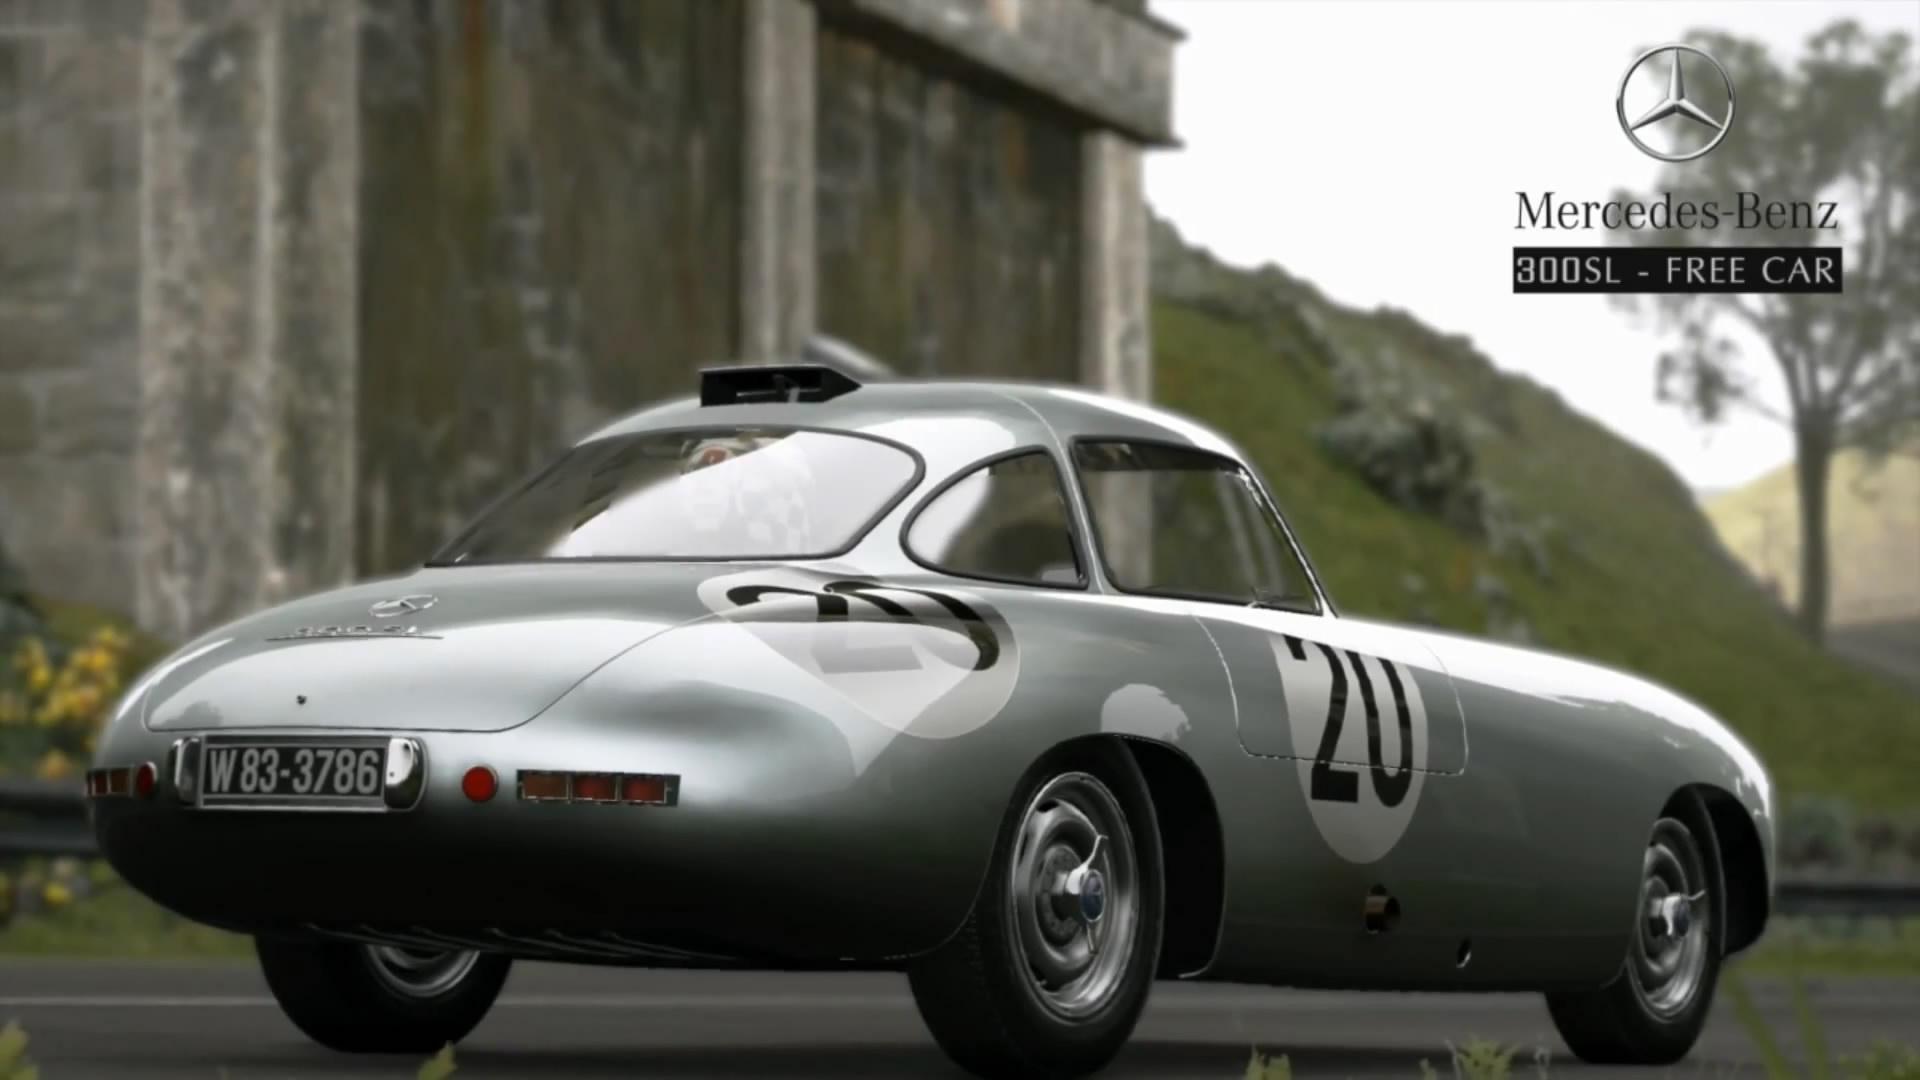 免费赛车:梅赛德斯-奔驰300sl高清图片